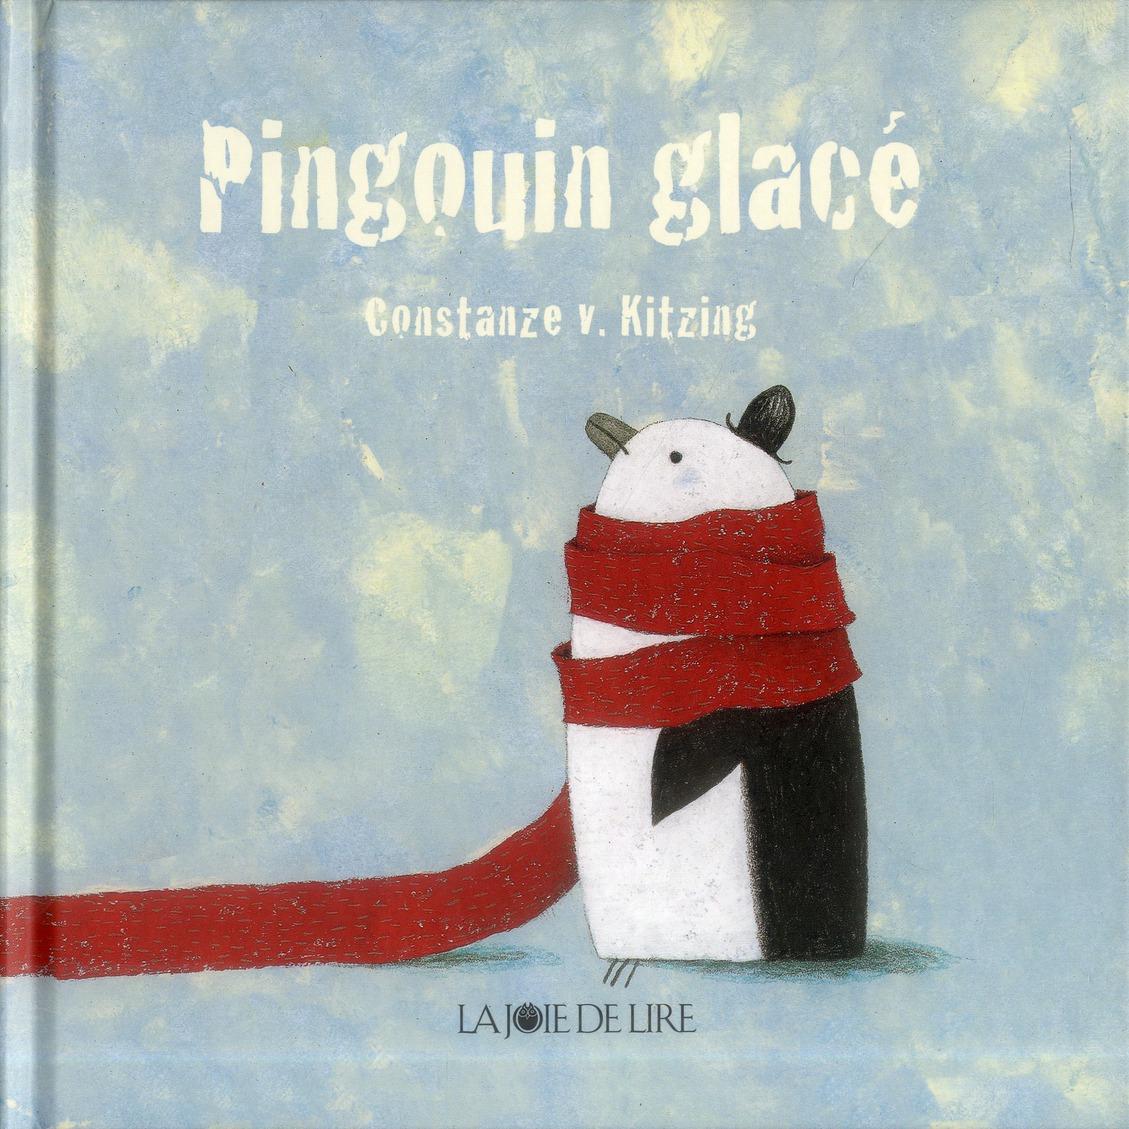 Pingouin glacé